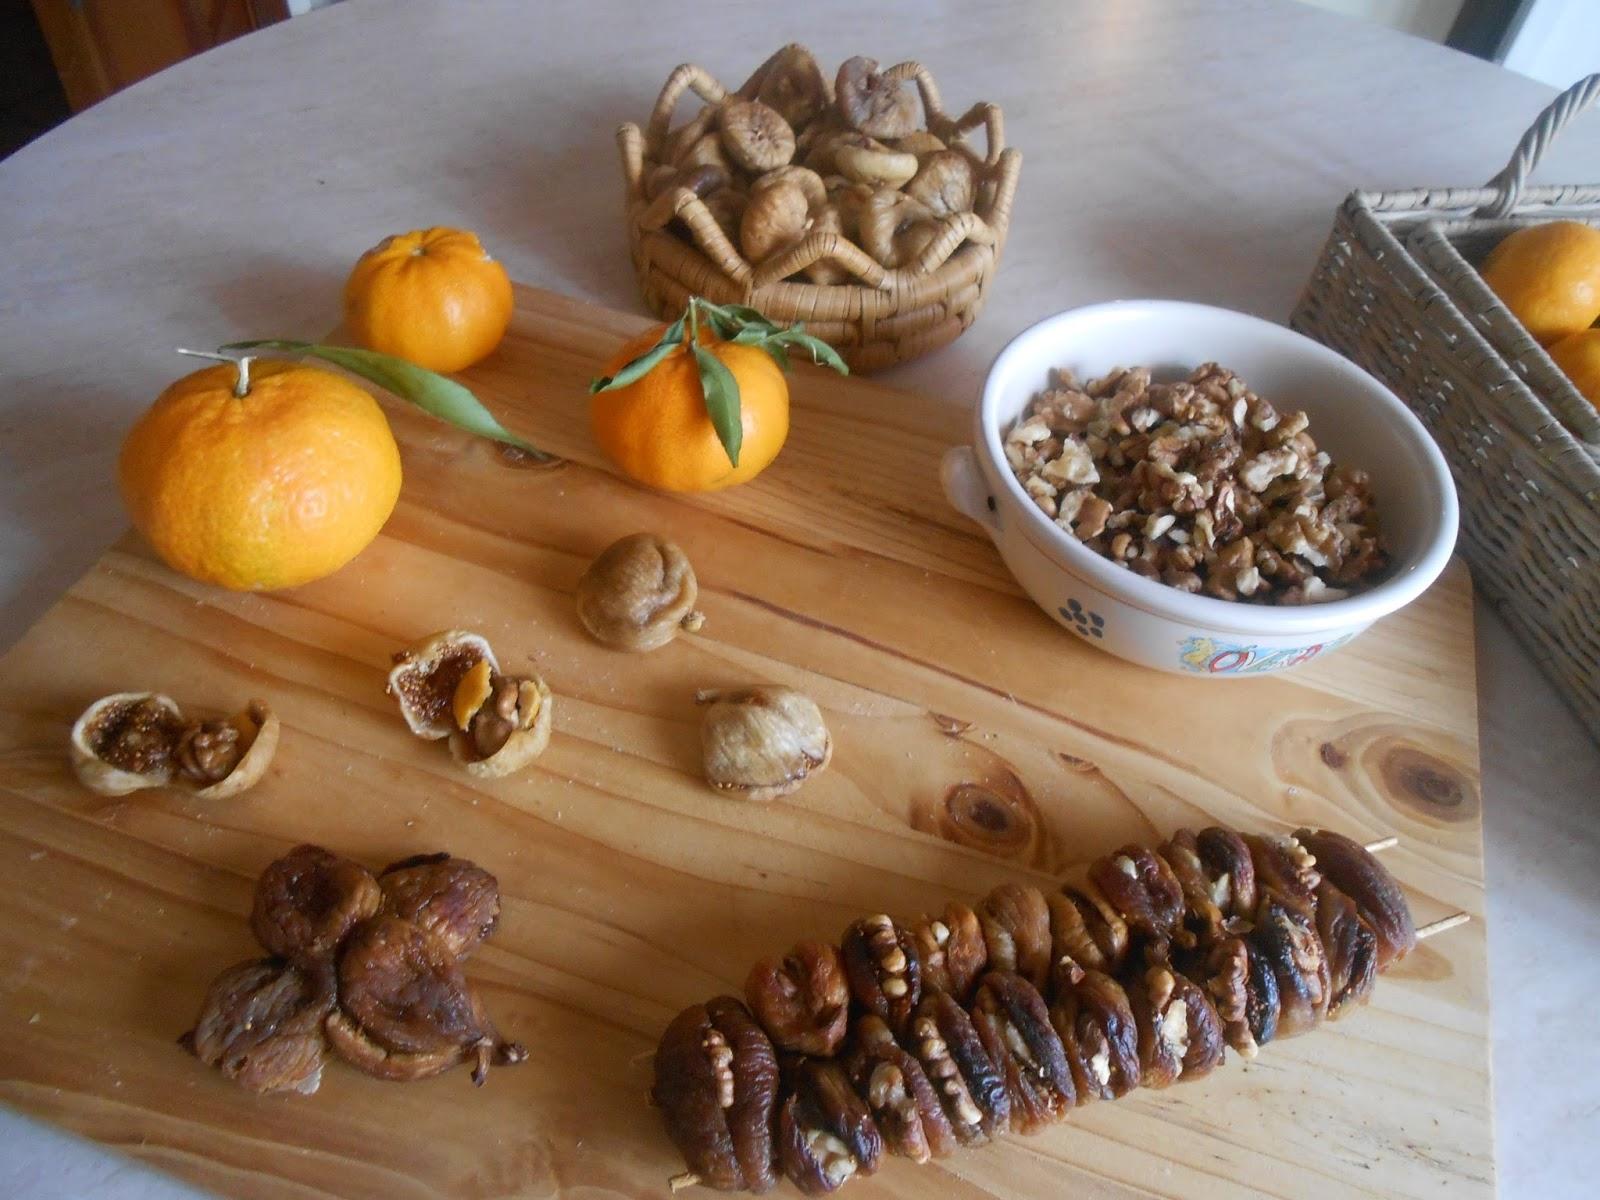 fico-dottato-del-cosentino-casa-bertini-prodotti-dolci-cioccolato-fondente-frutta-7